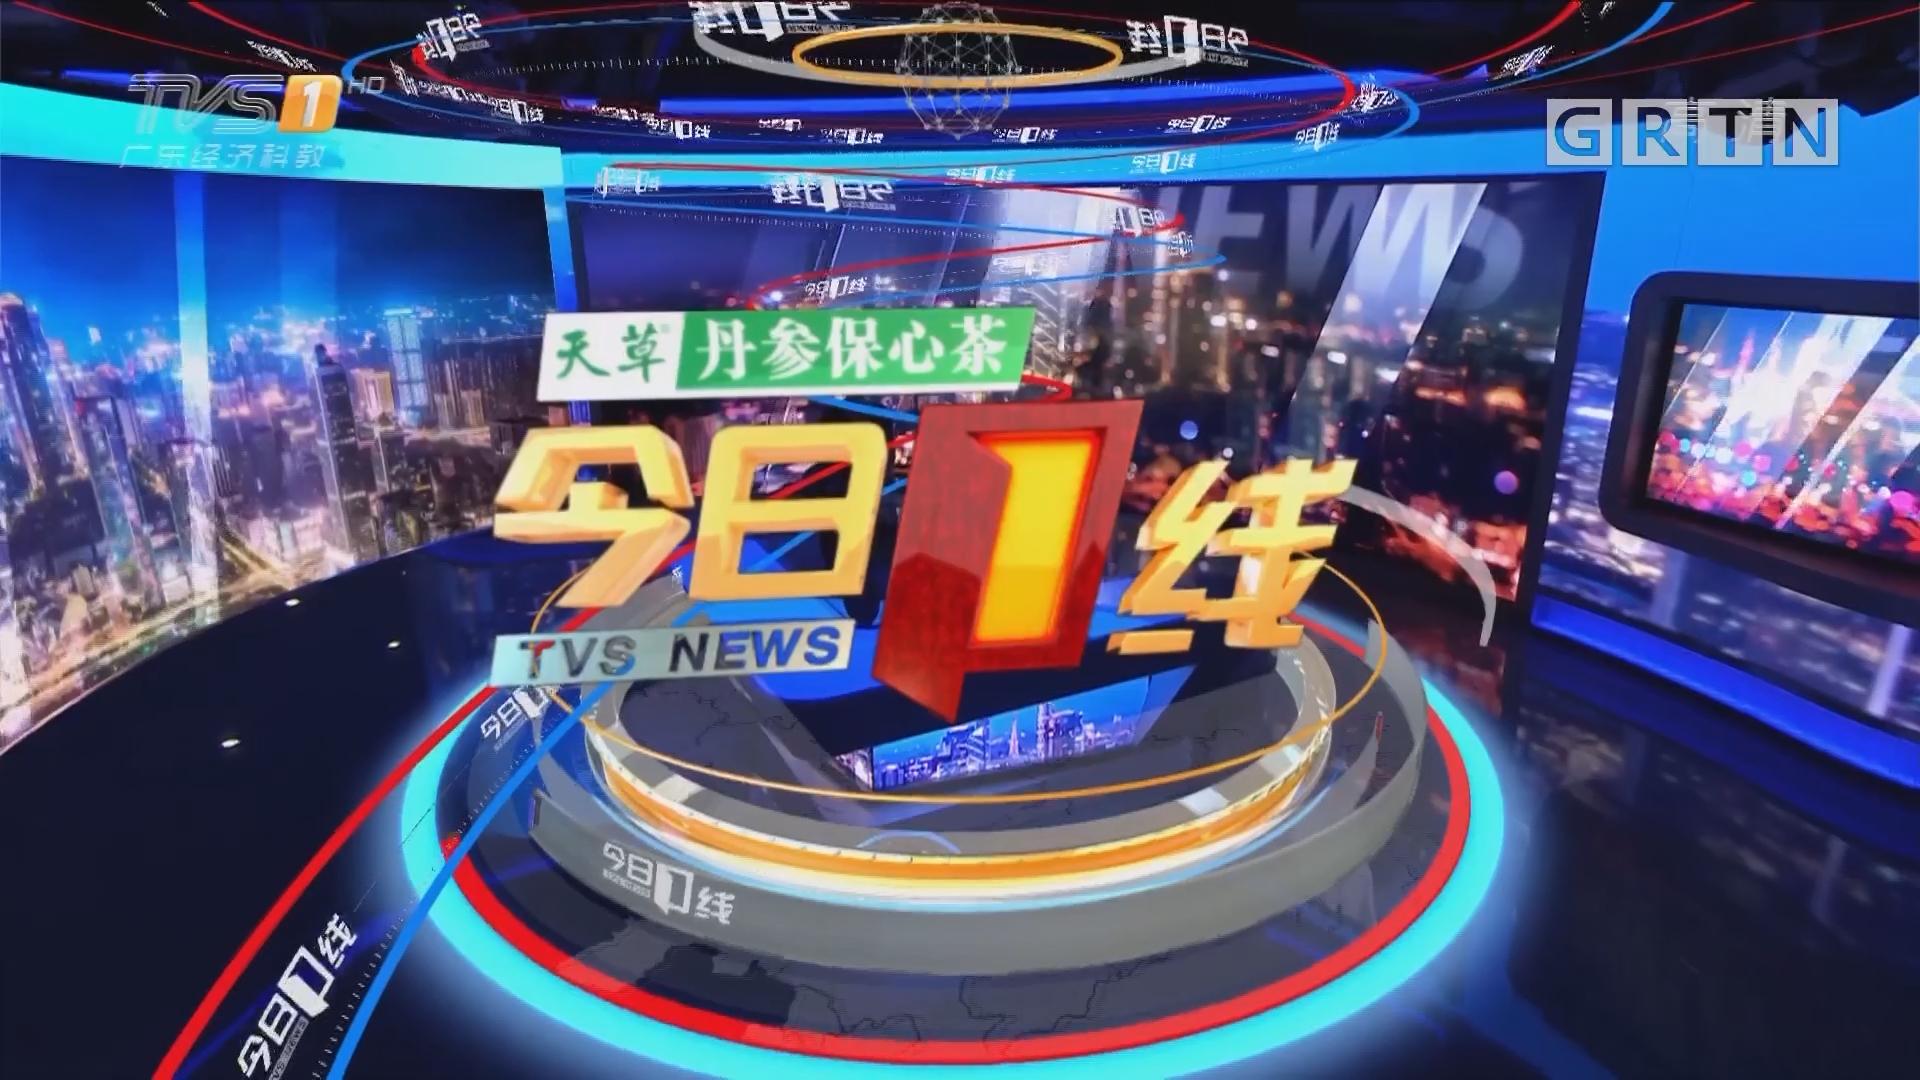 [HD][2018-10-14]今日一线:珠海香洲:两车斗气别车竞速两公里 双方都要罚